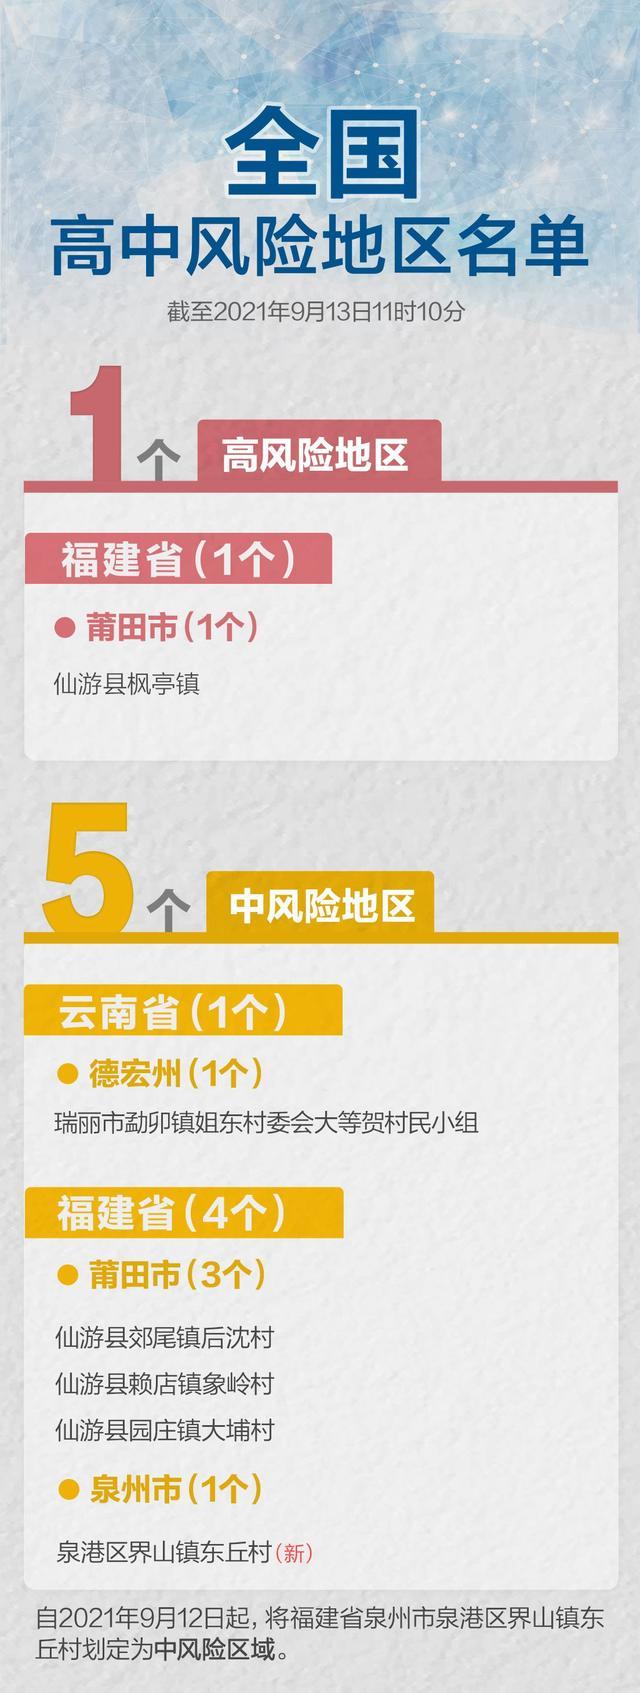 最新!福建泉州一地升级,全国现有高中风险区1+5个 全球新闻风头榜 第1张